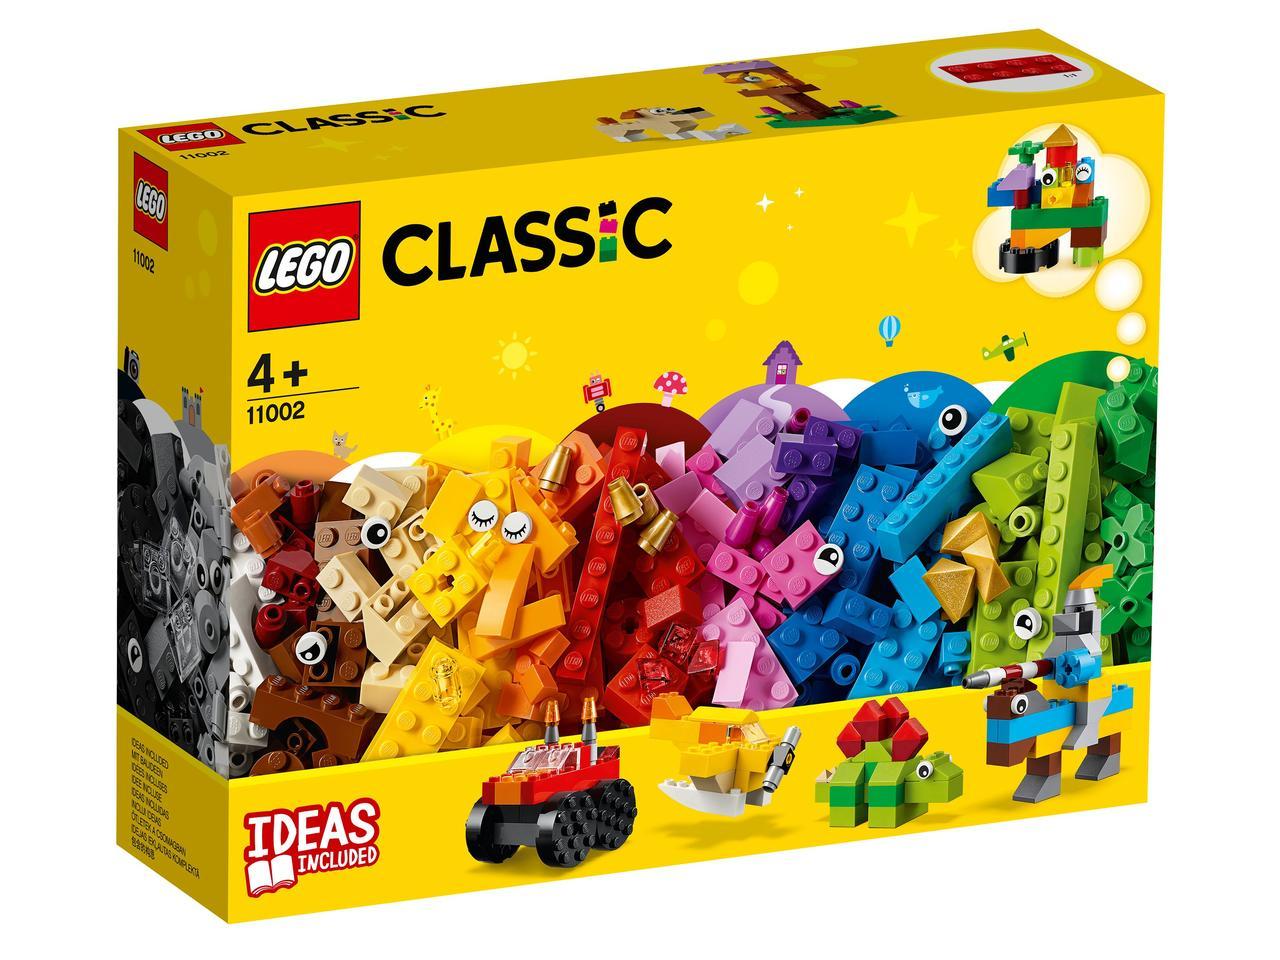 11002 Lego Classic Базовый набор кубиков, Лего Классик